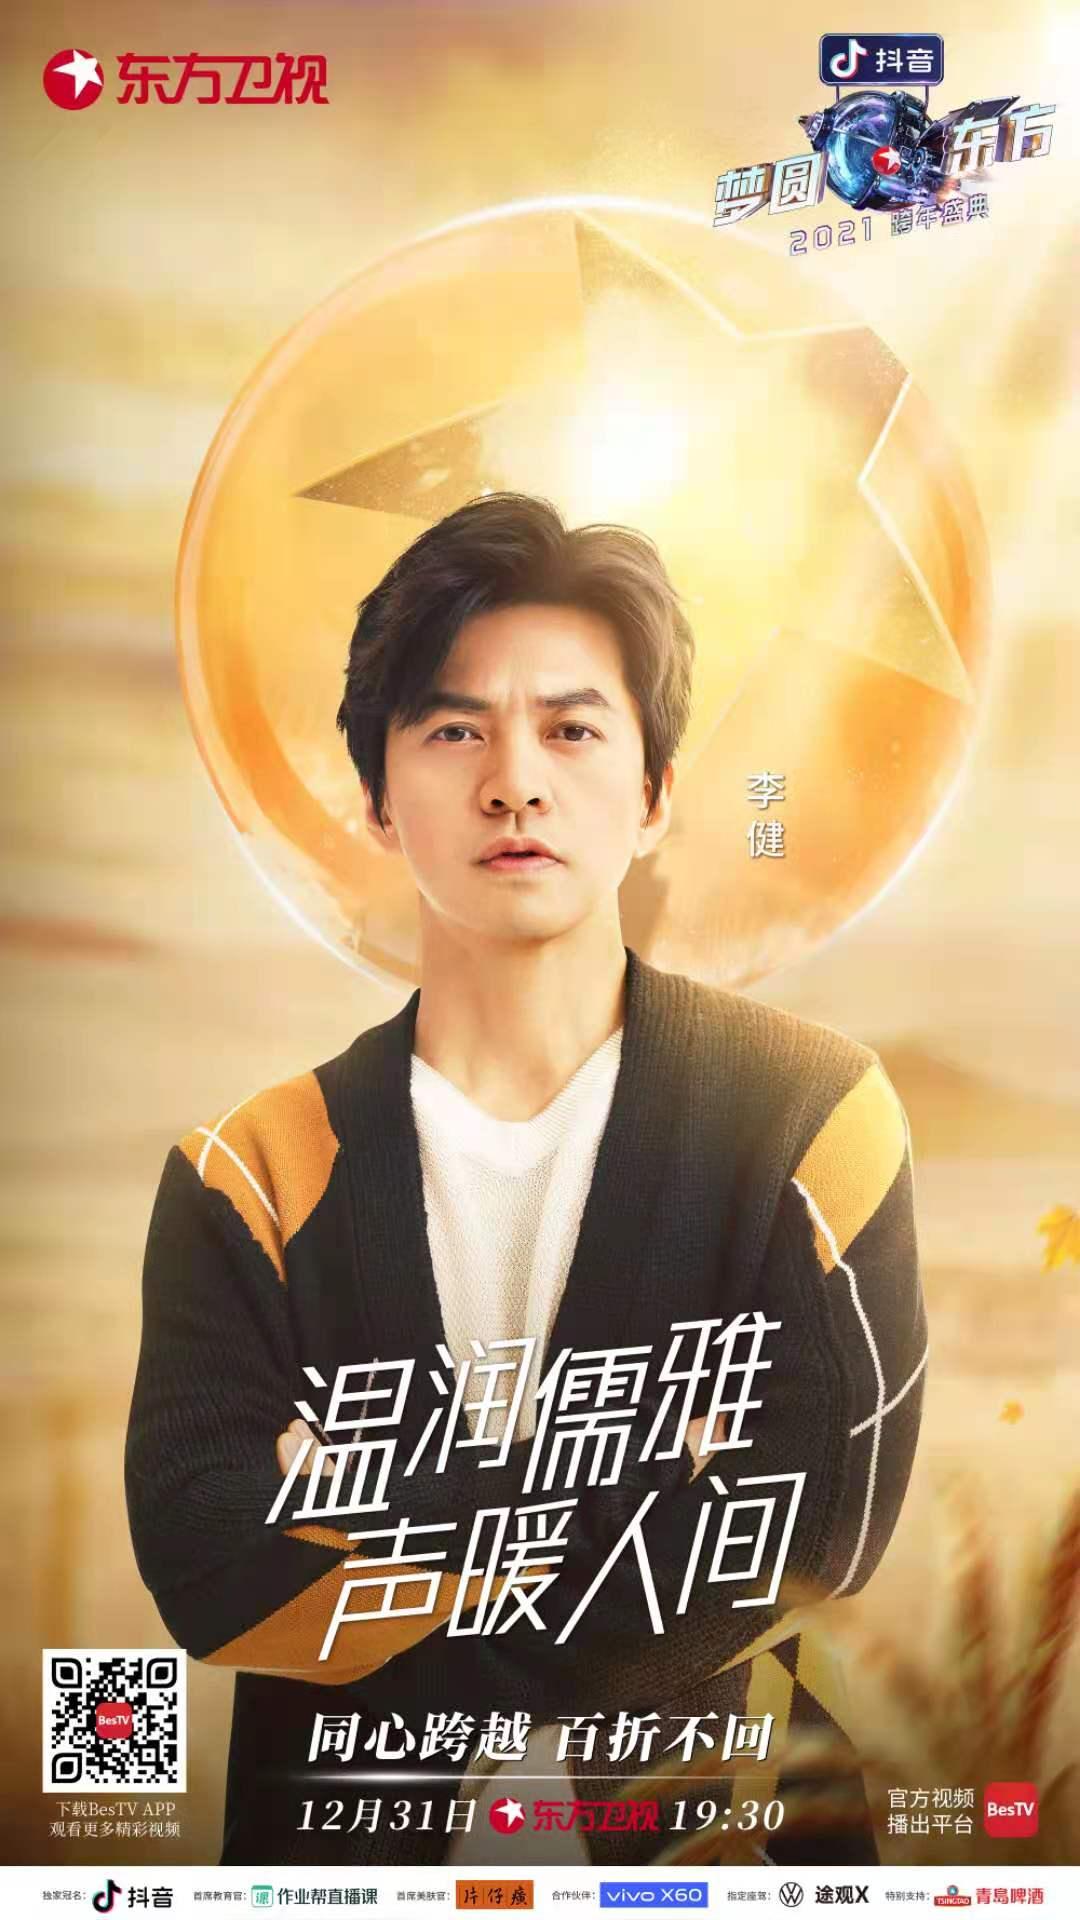 """《梦圆东方·2021东方卫视跨年盛典》与时代同频,""""同心跨越""""凝聚温暖印记"""